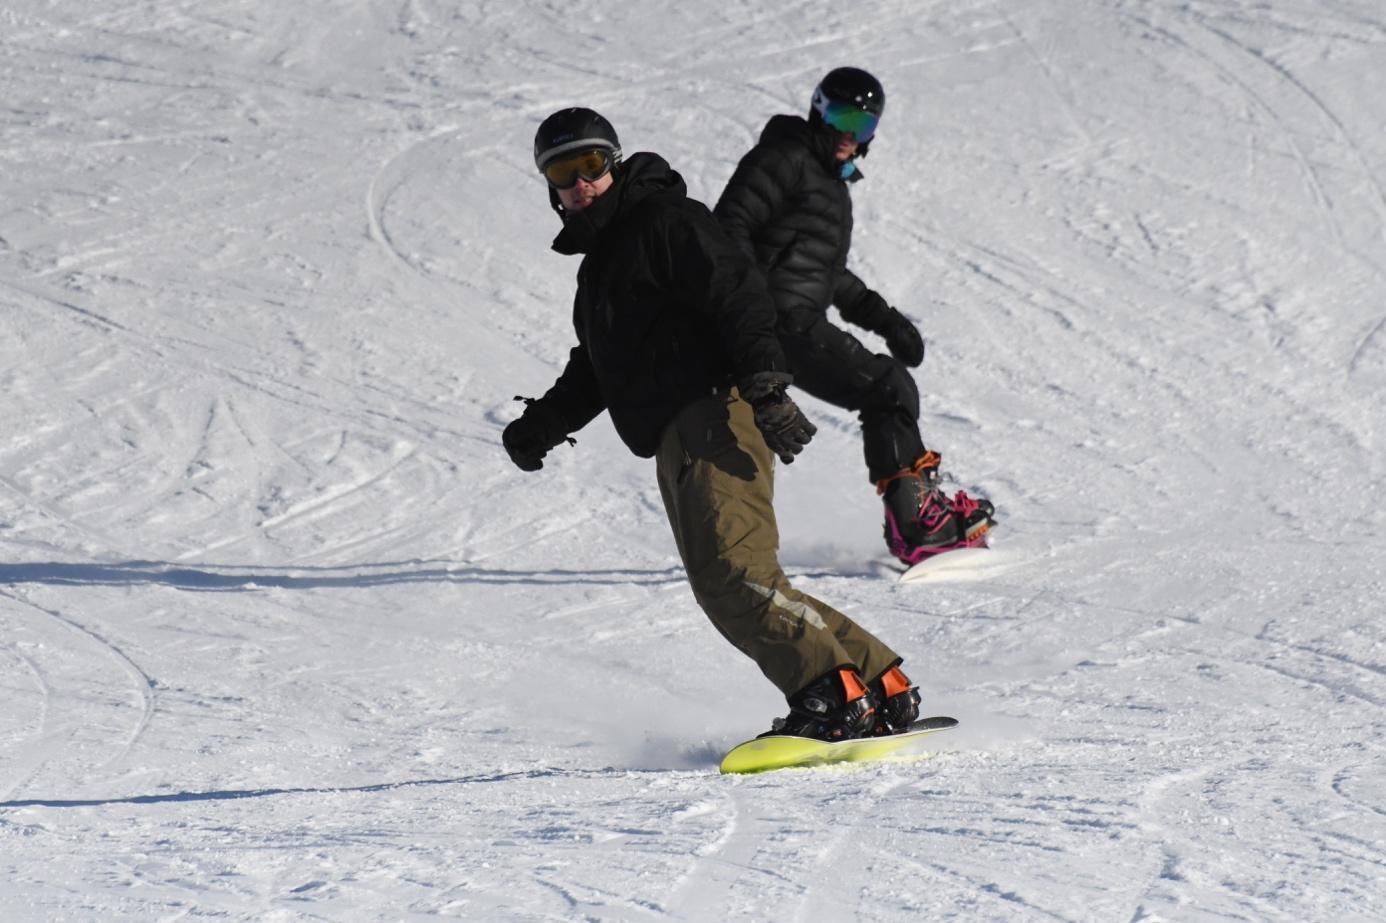 Et bilde som inneholder snø, utendørs, person, skråning  Automatisk generert beskrivelse